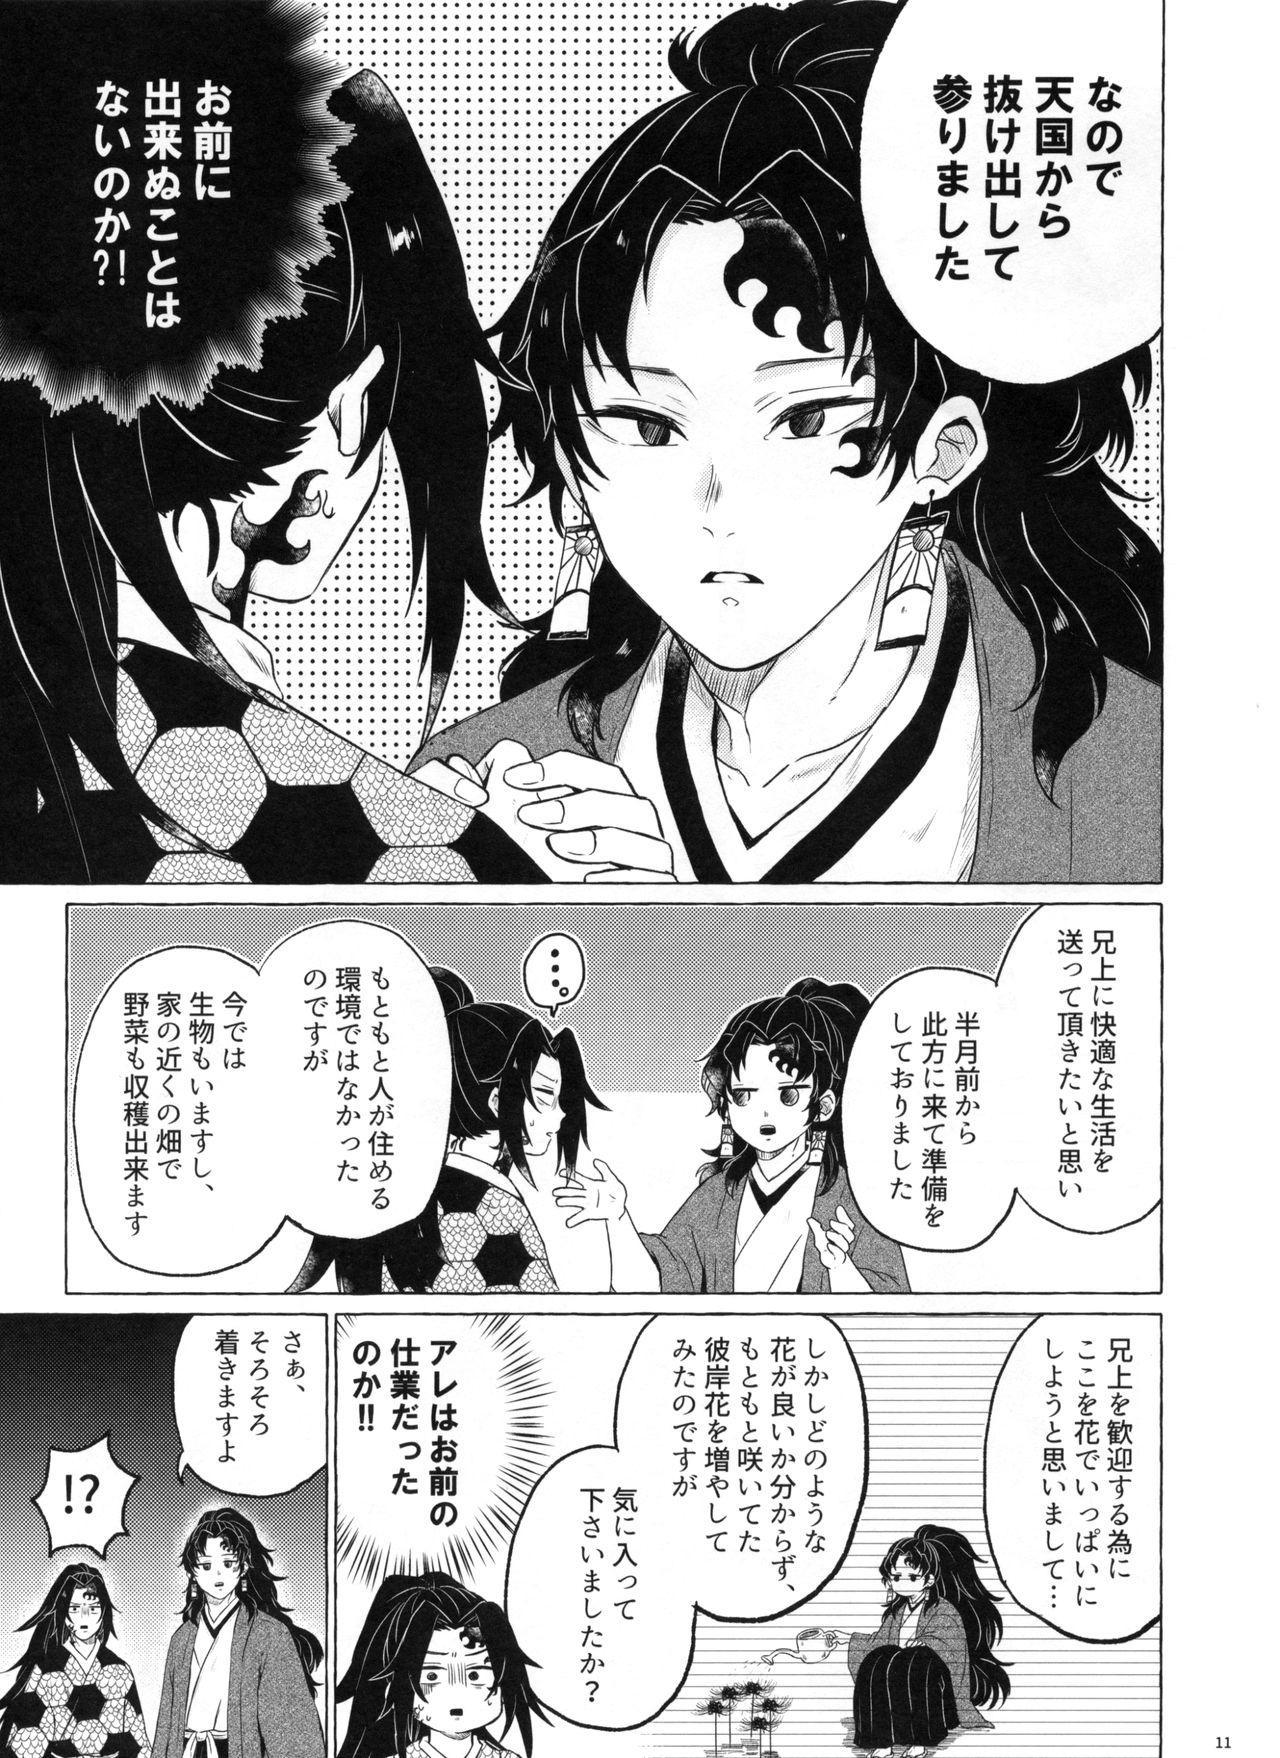 Tanoshii Jigoku no Icchoume 9